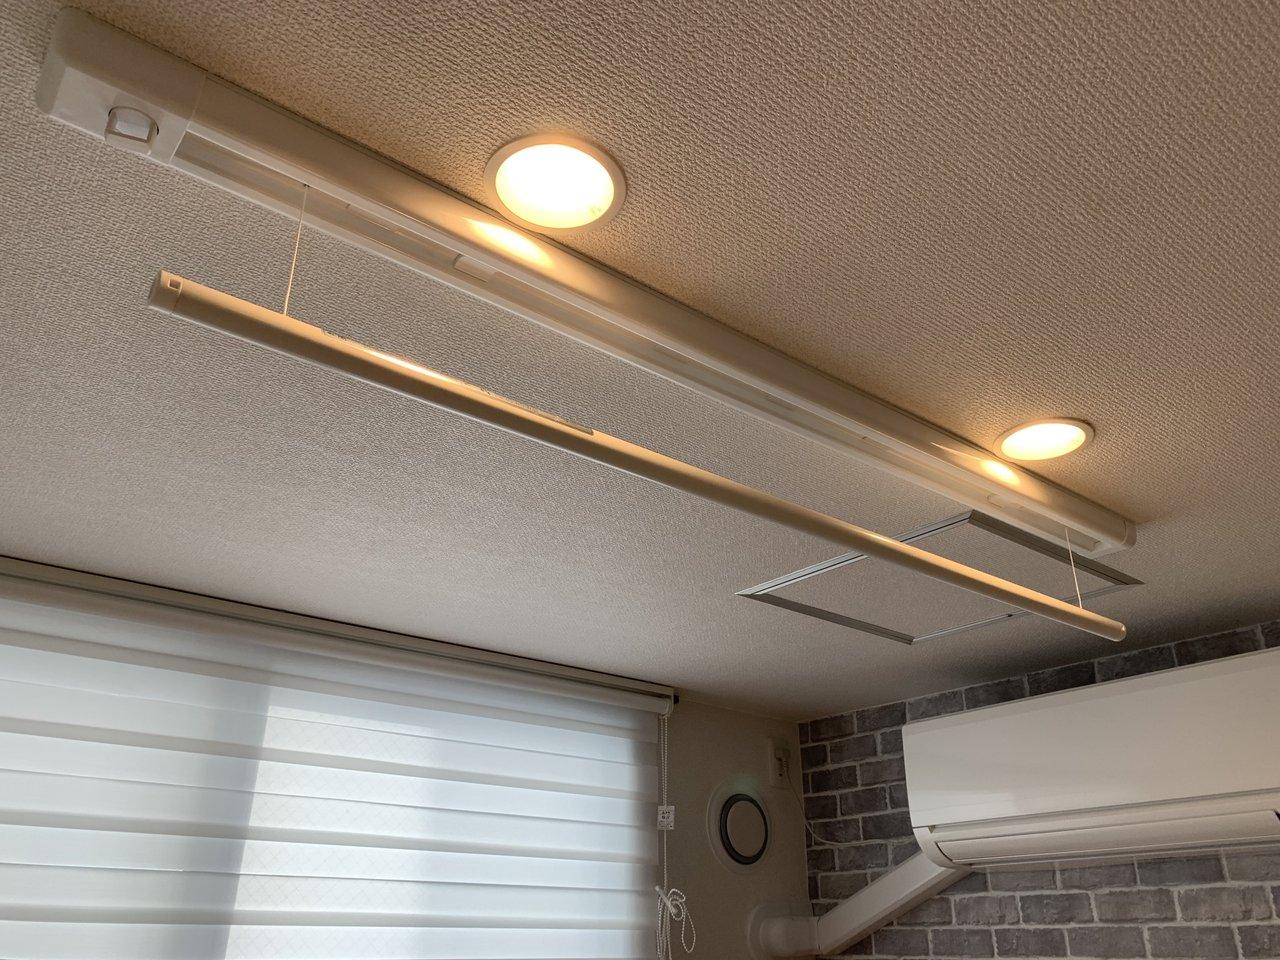 暖かいダウンライトの照明と、その下には物干しスペースが隠れていました。使わない時は隠せるので、こちらも便利です。